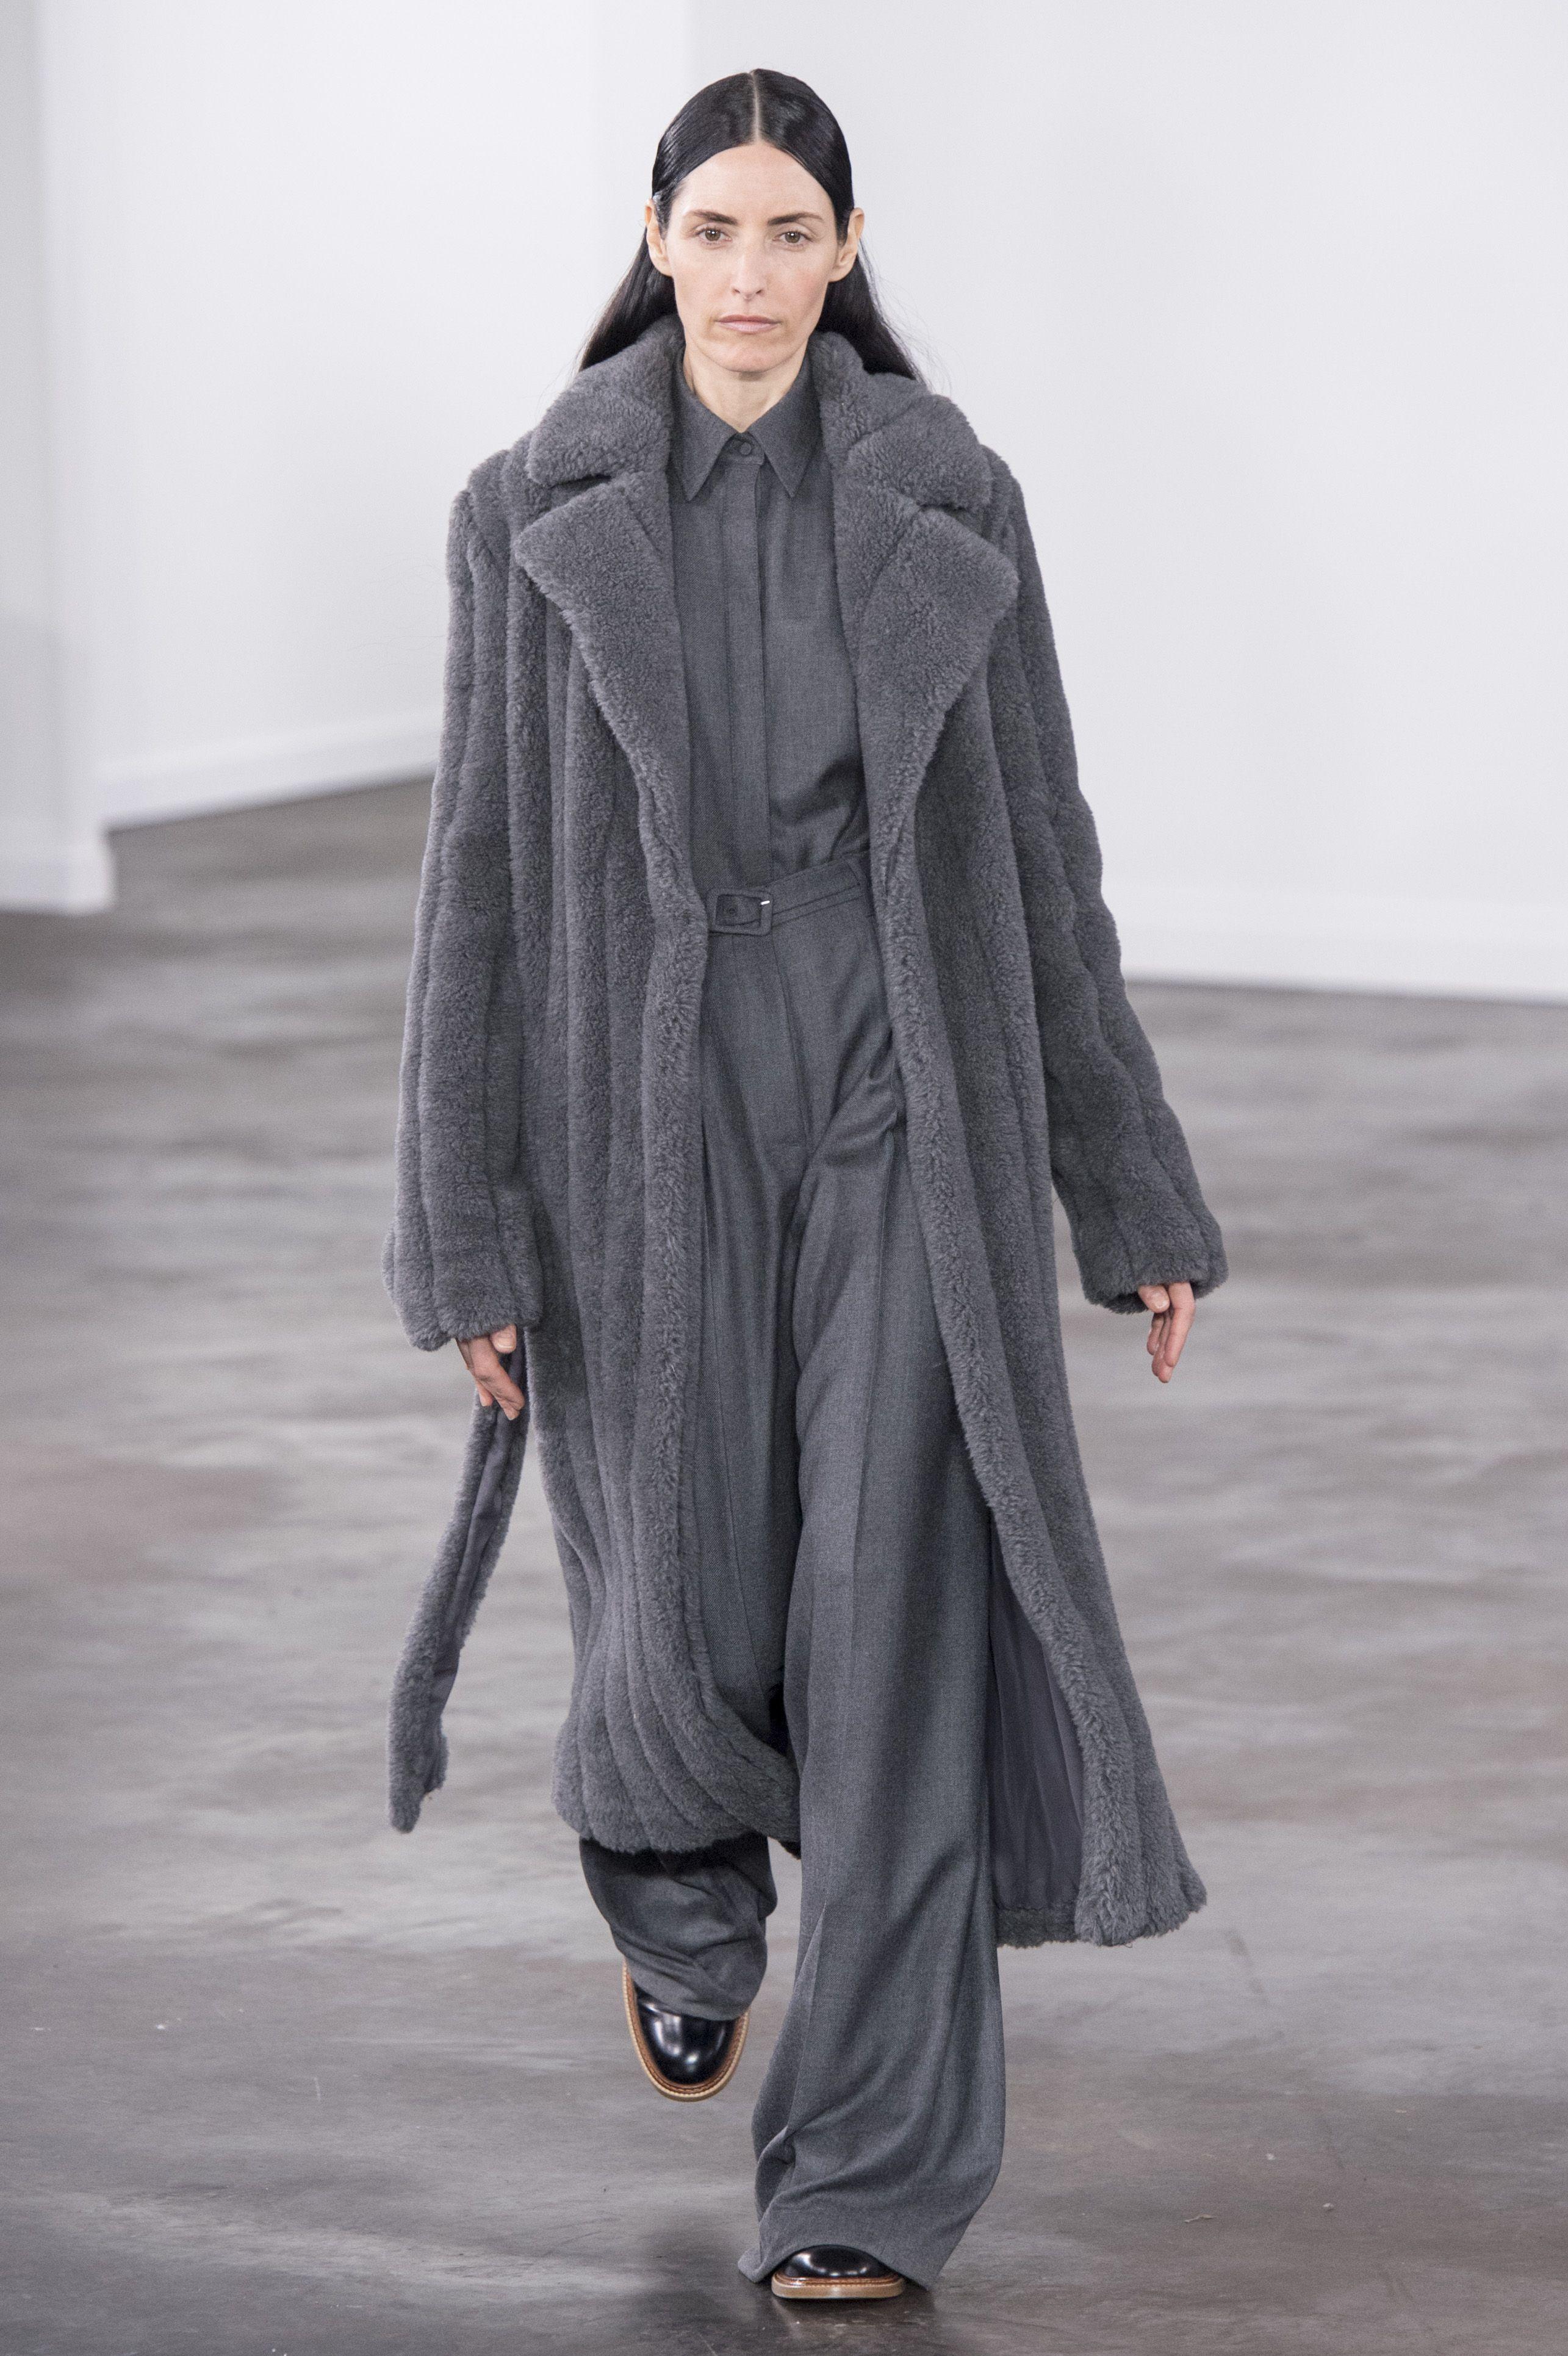 cappotto nero inverno 2019 corto